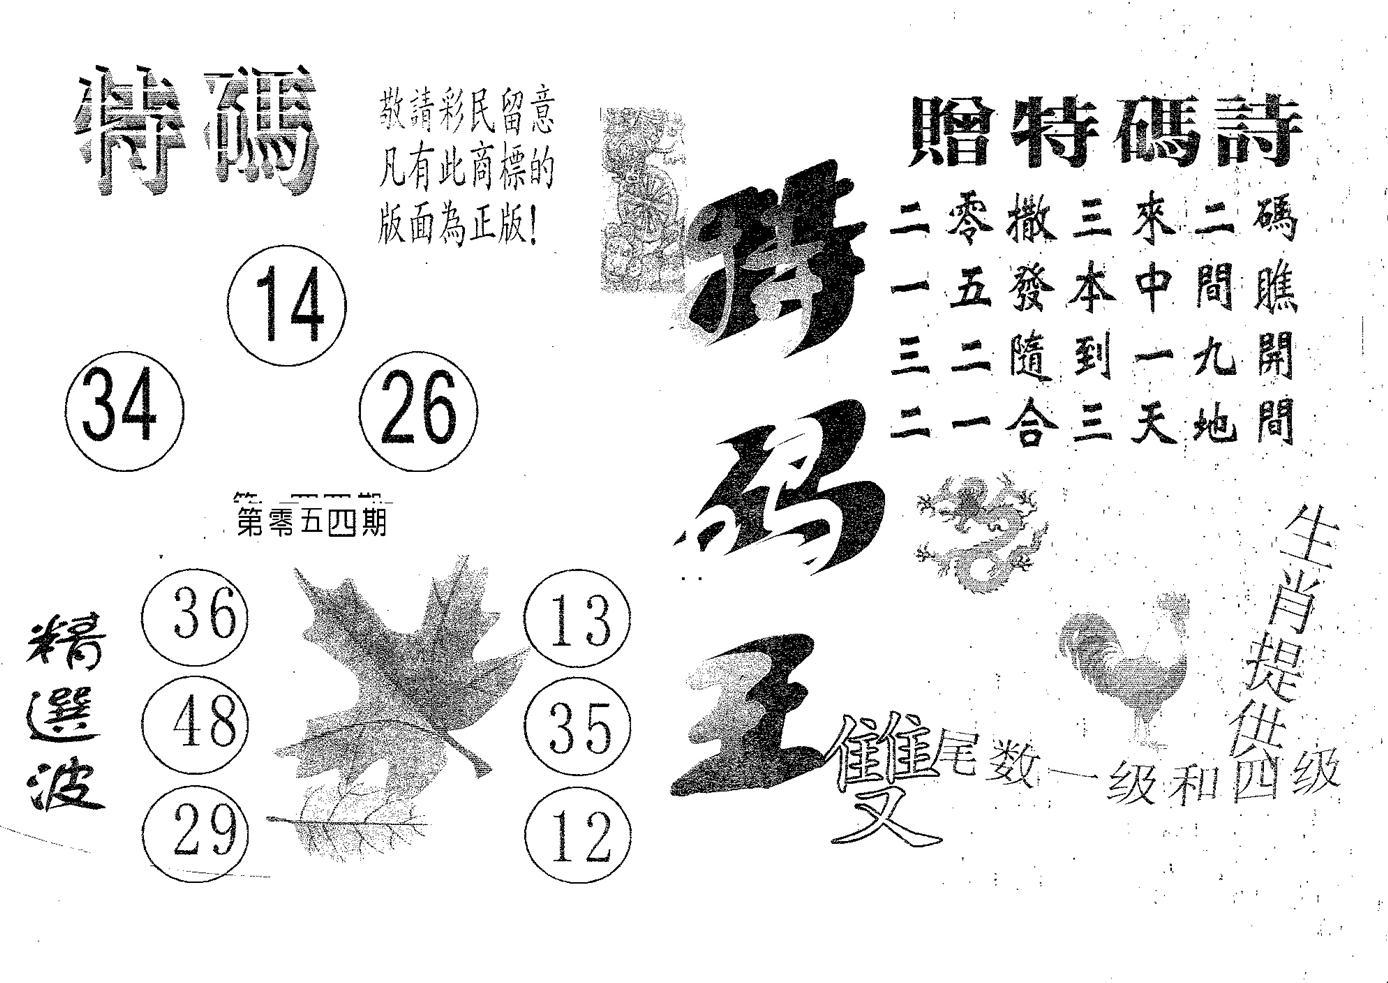 054期特码王B(黑白)